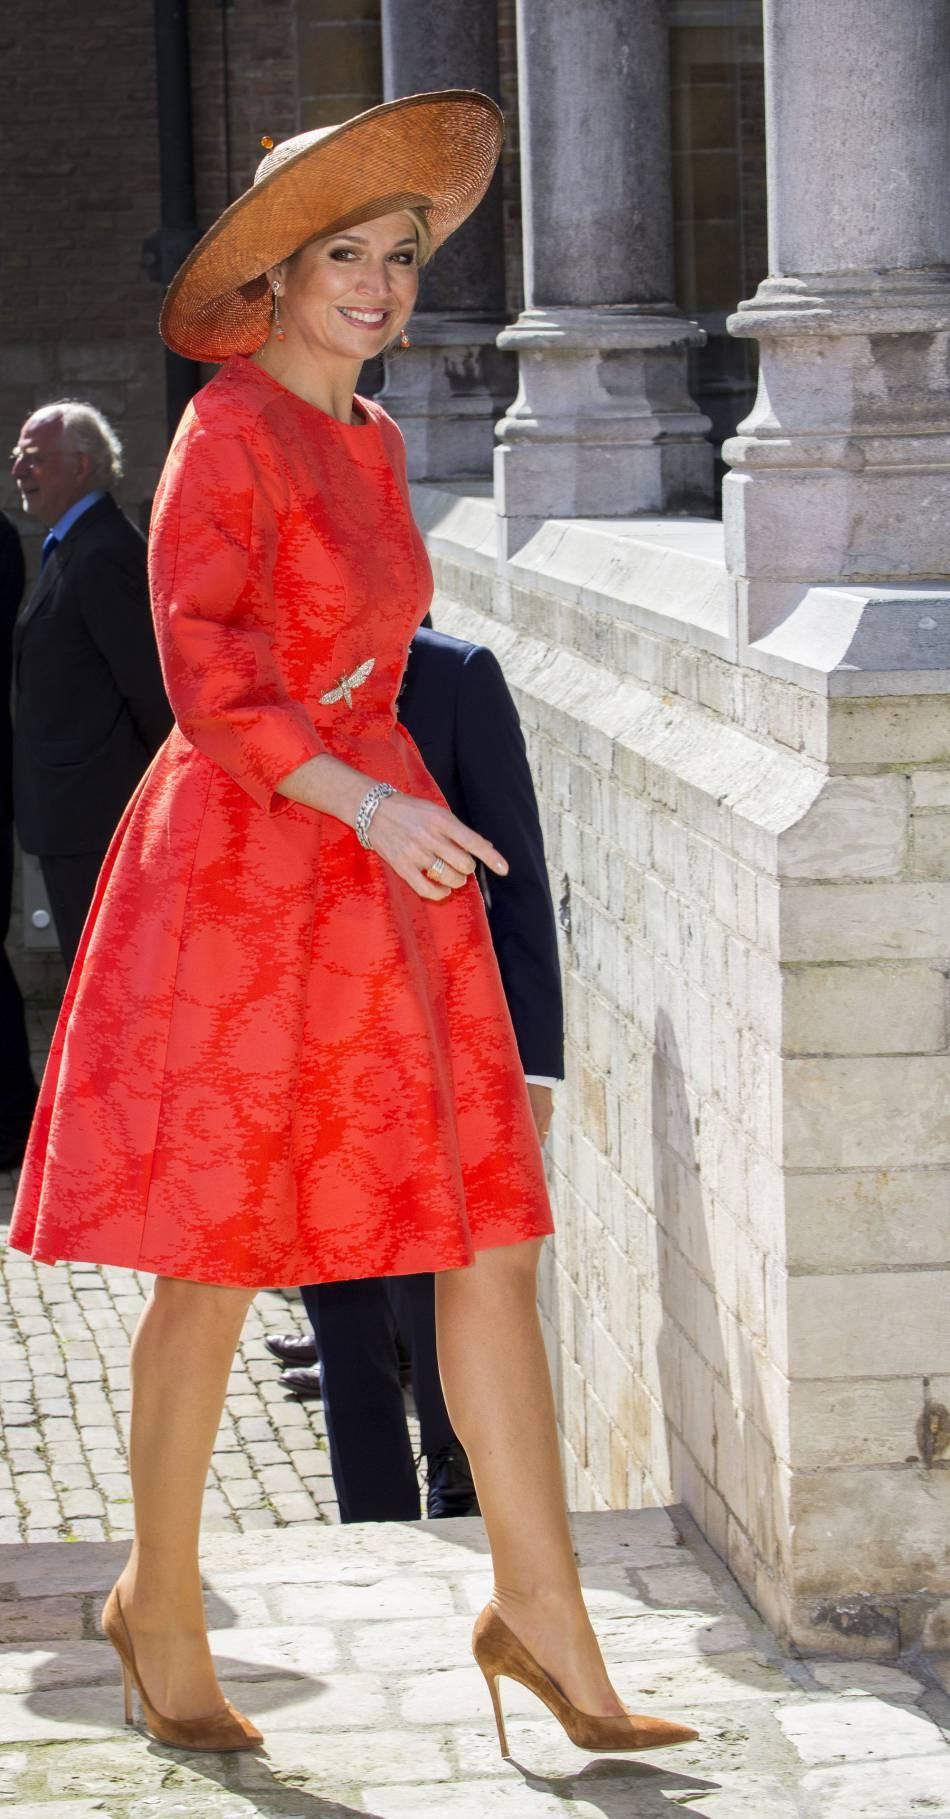 Maxima des Pays-Bas a opté pour une robe orangée.